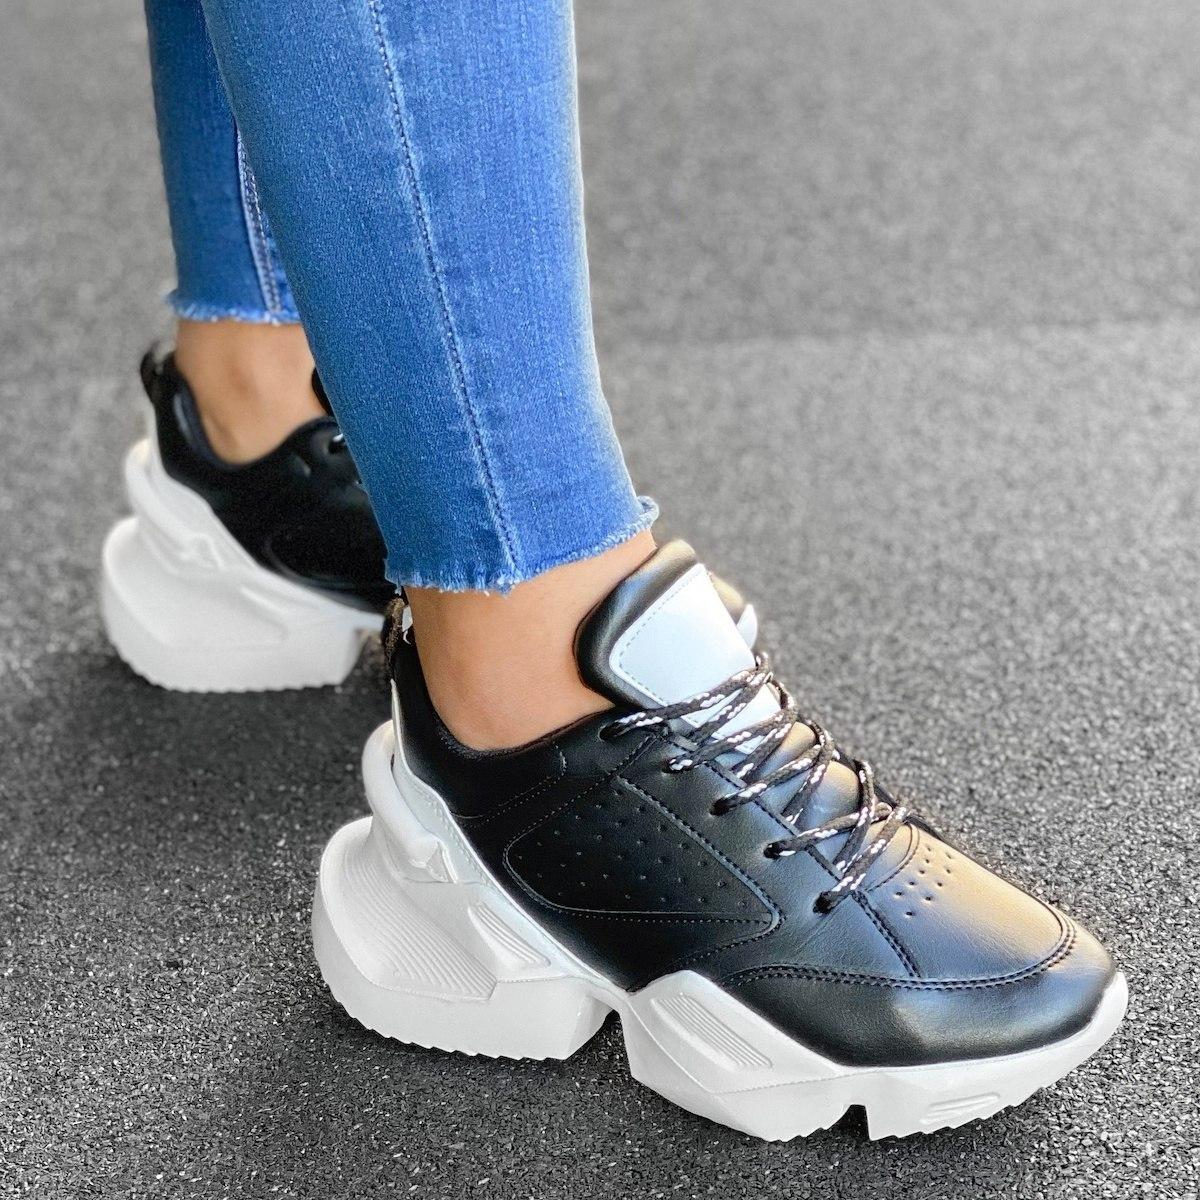 Women's Space Sole Sneakers In Black